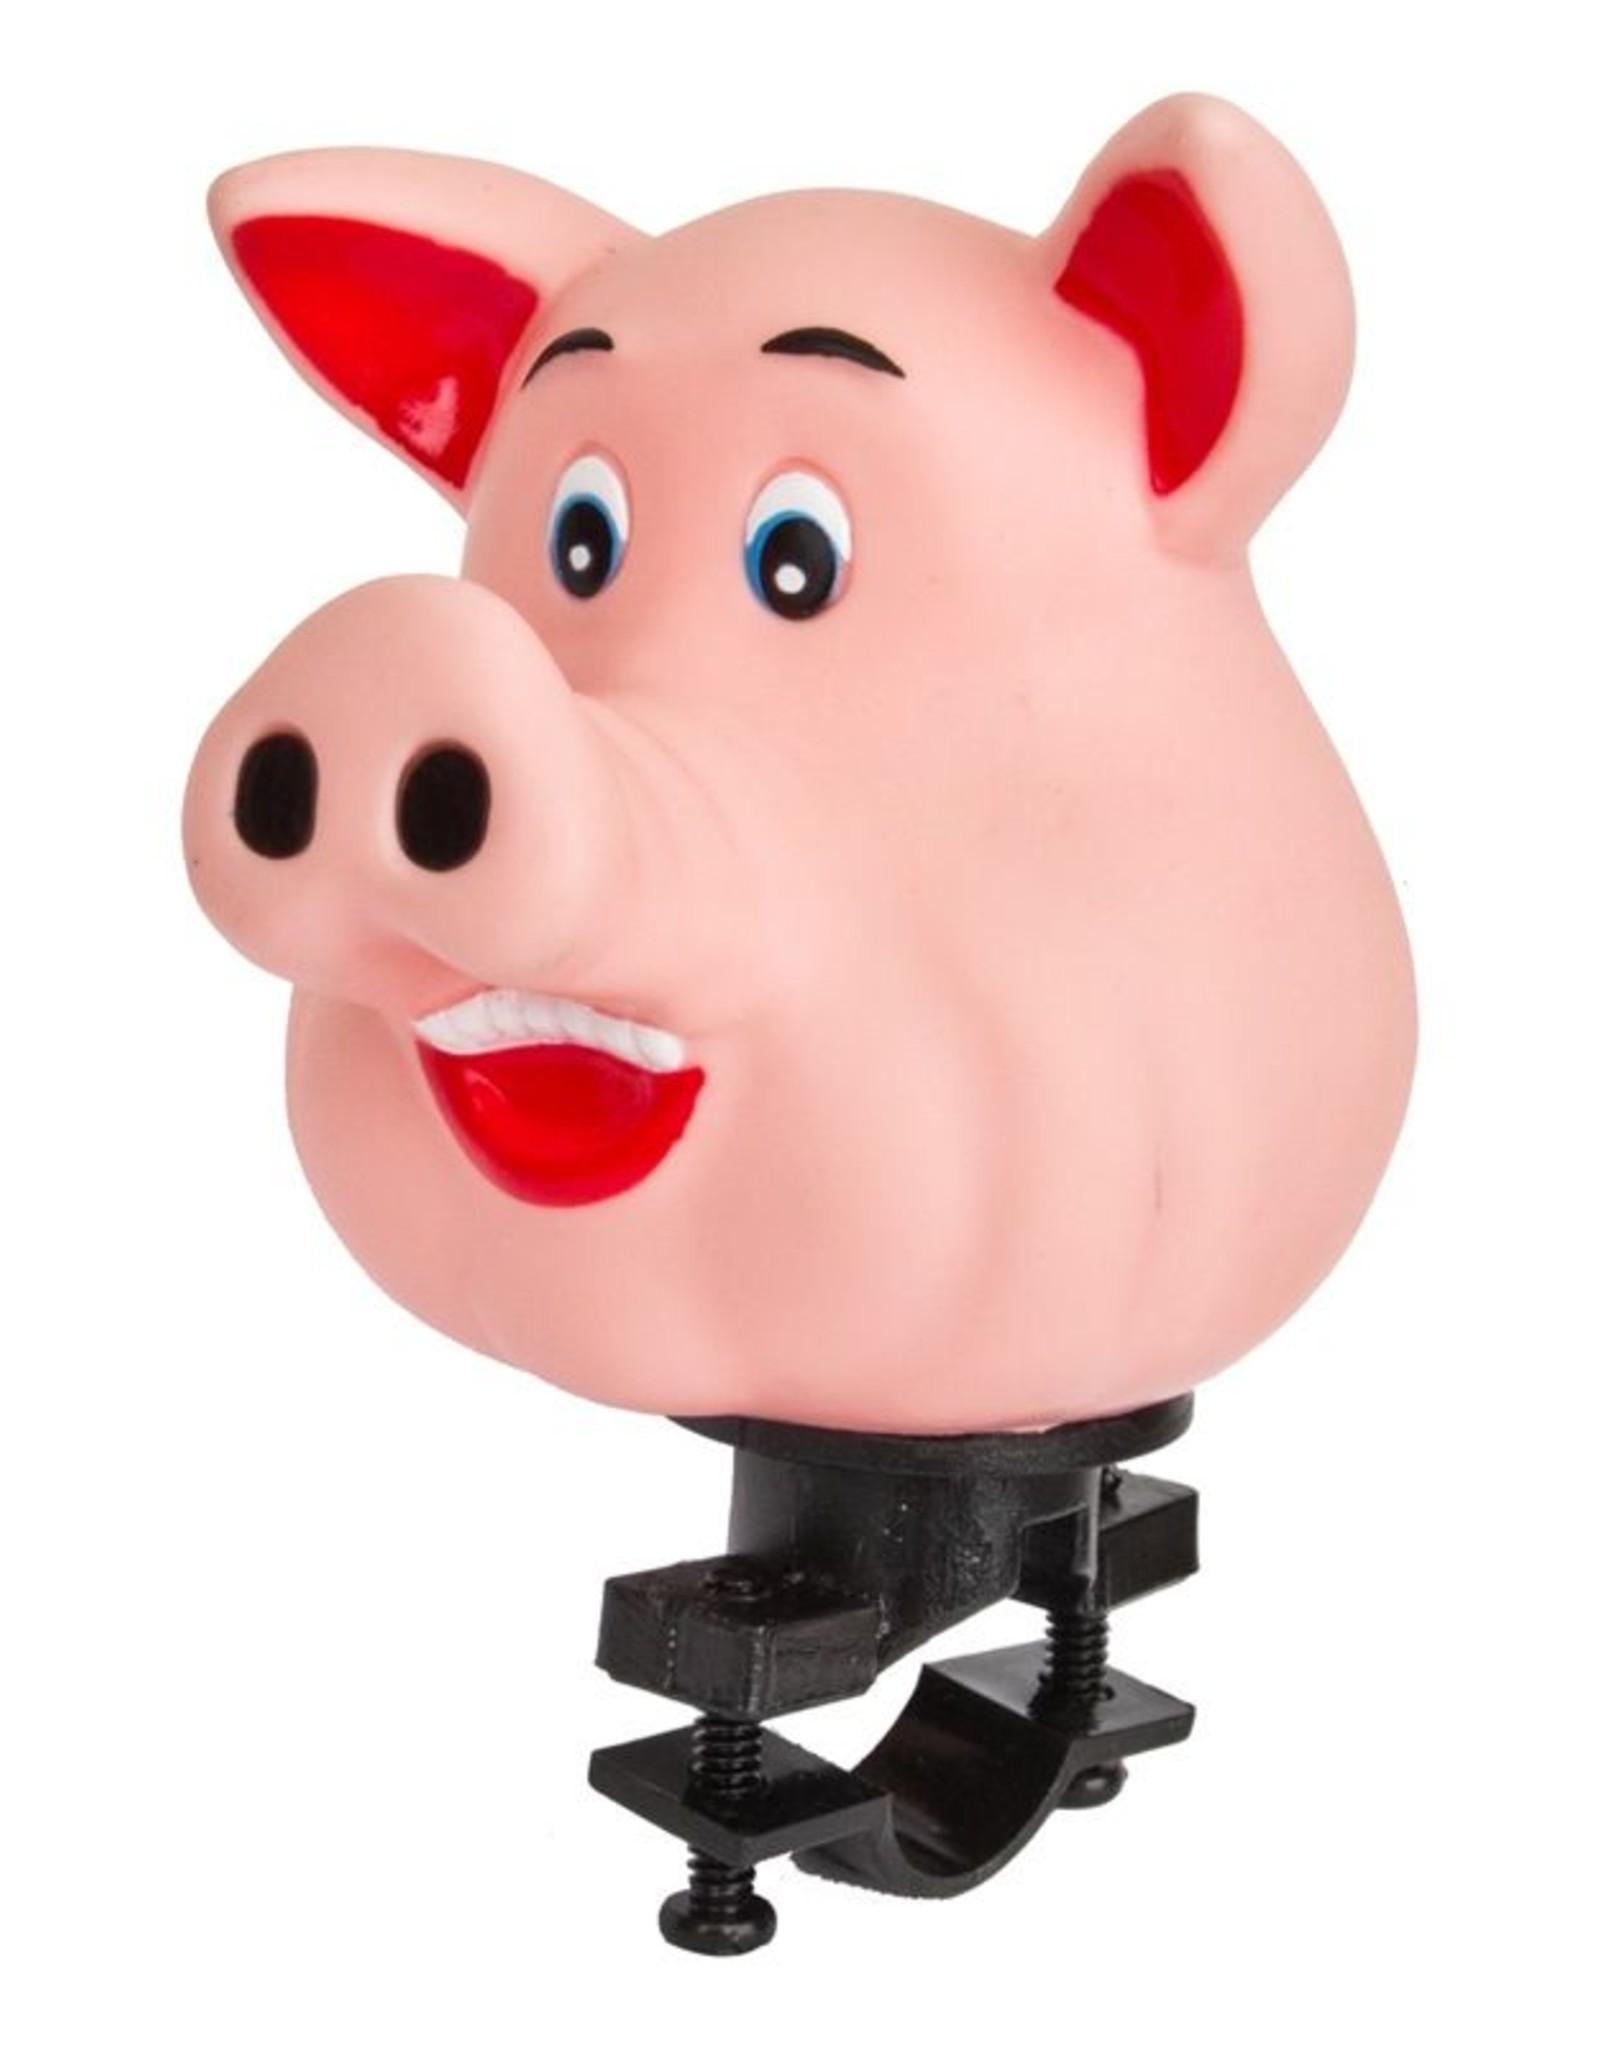 SunLite SunLite Pig Squeeze Horn